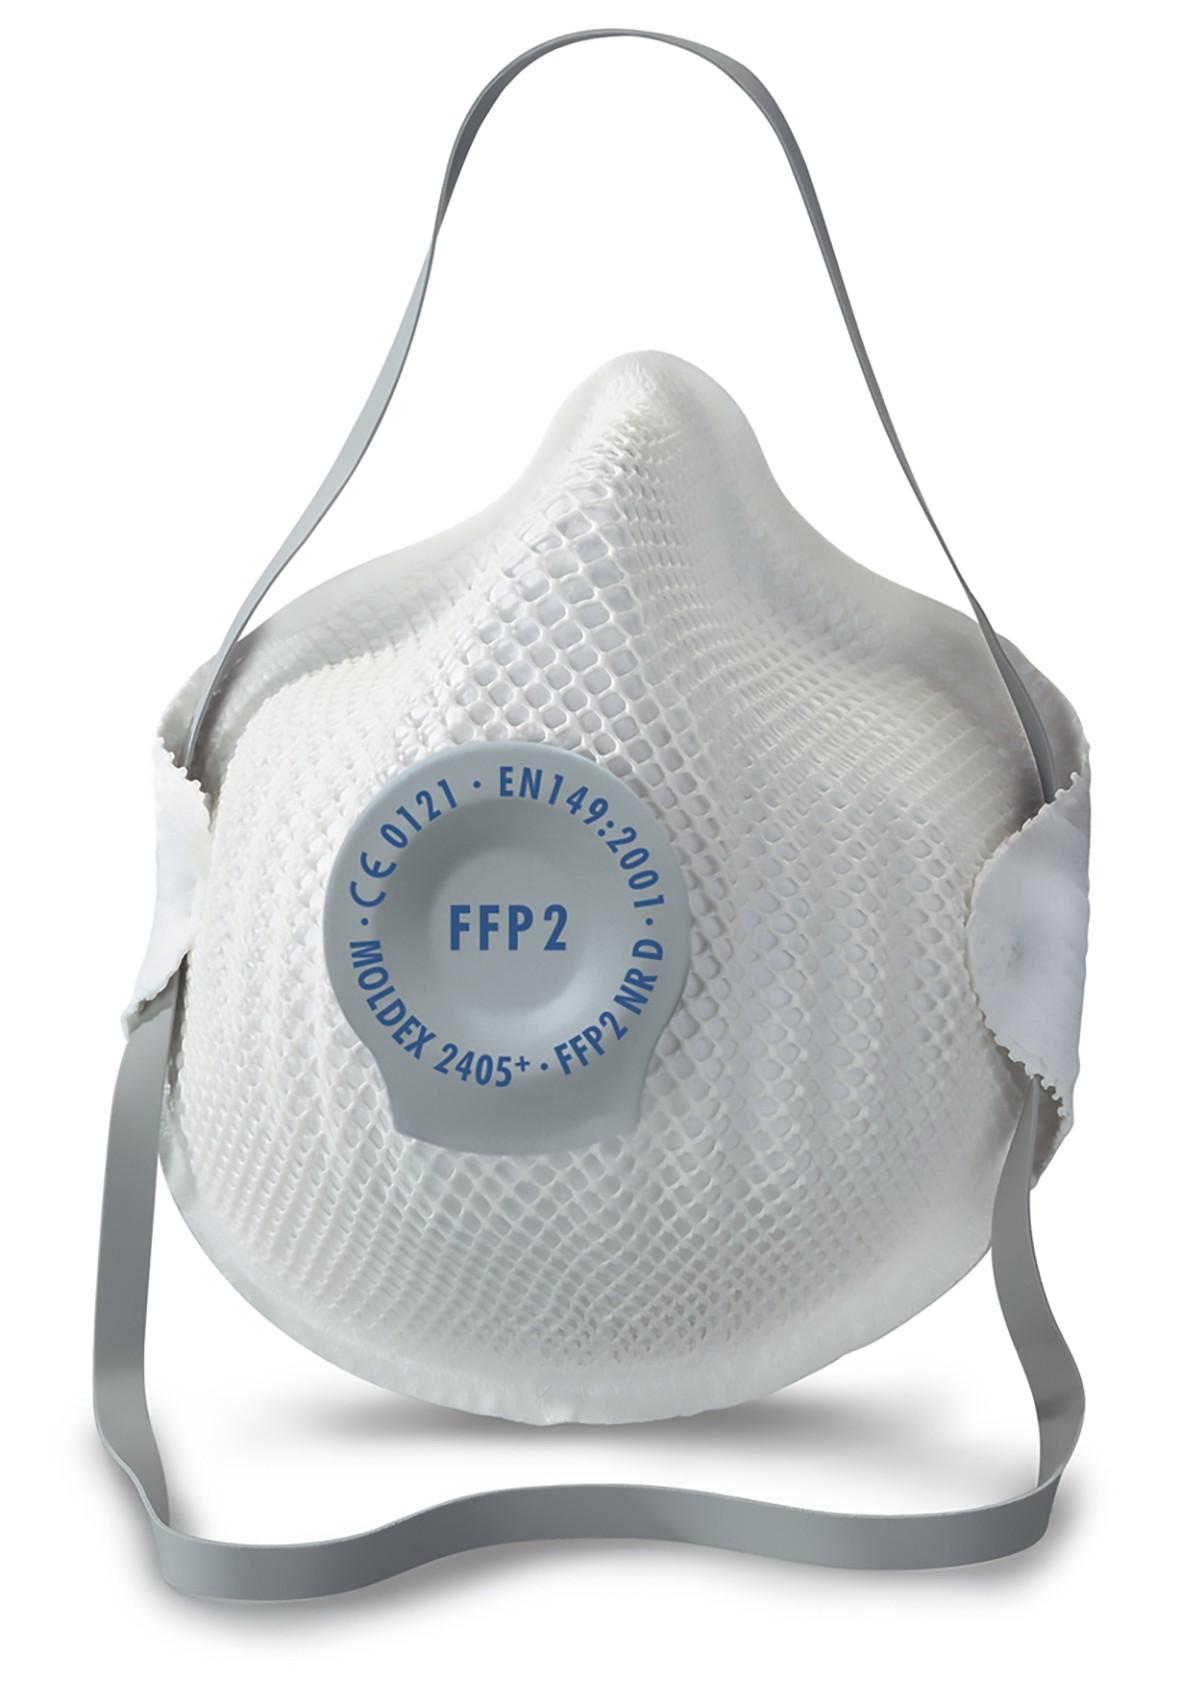 Masque jetable Moldex Classique FFP2 à valve - Matériel viticole sur Alsavit   31e441546ad9